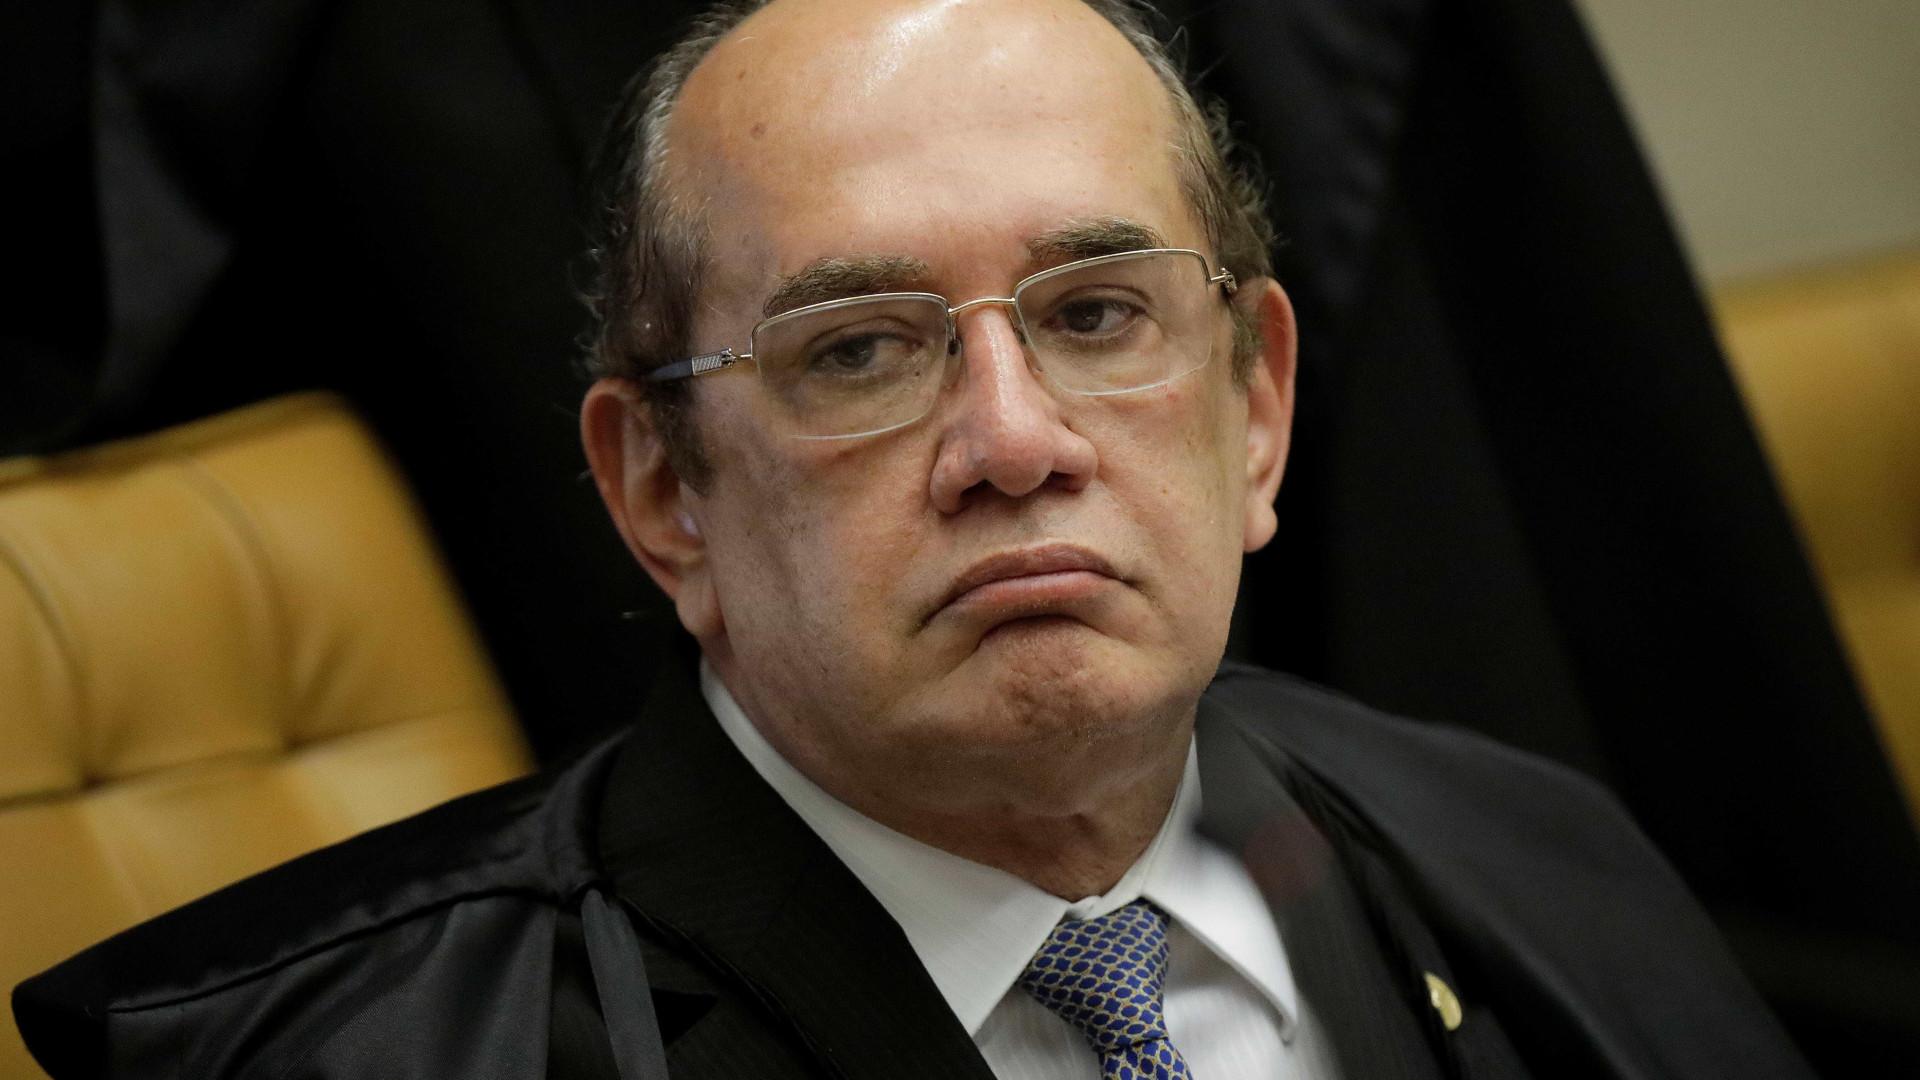 Gilmar Mendes solta doleiro preso em operação no Rio